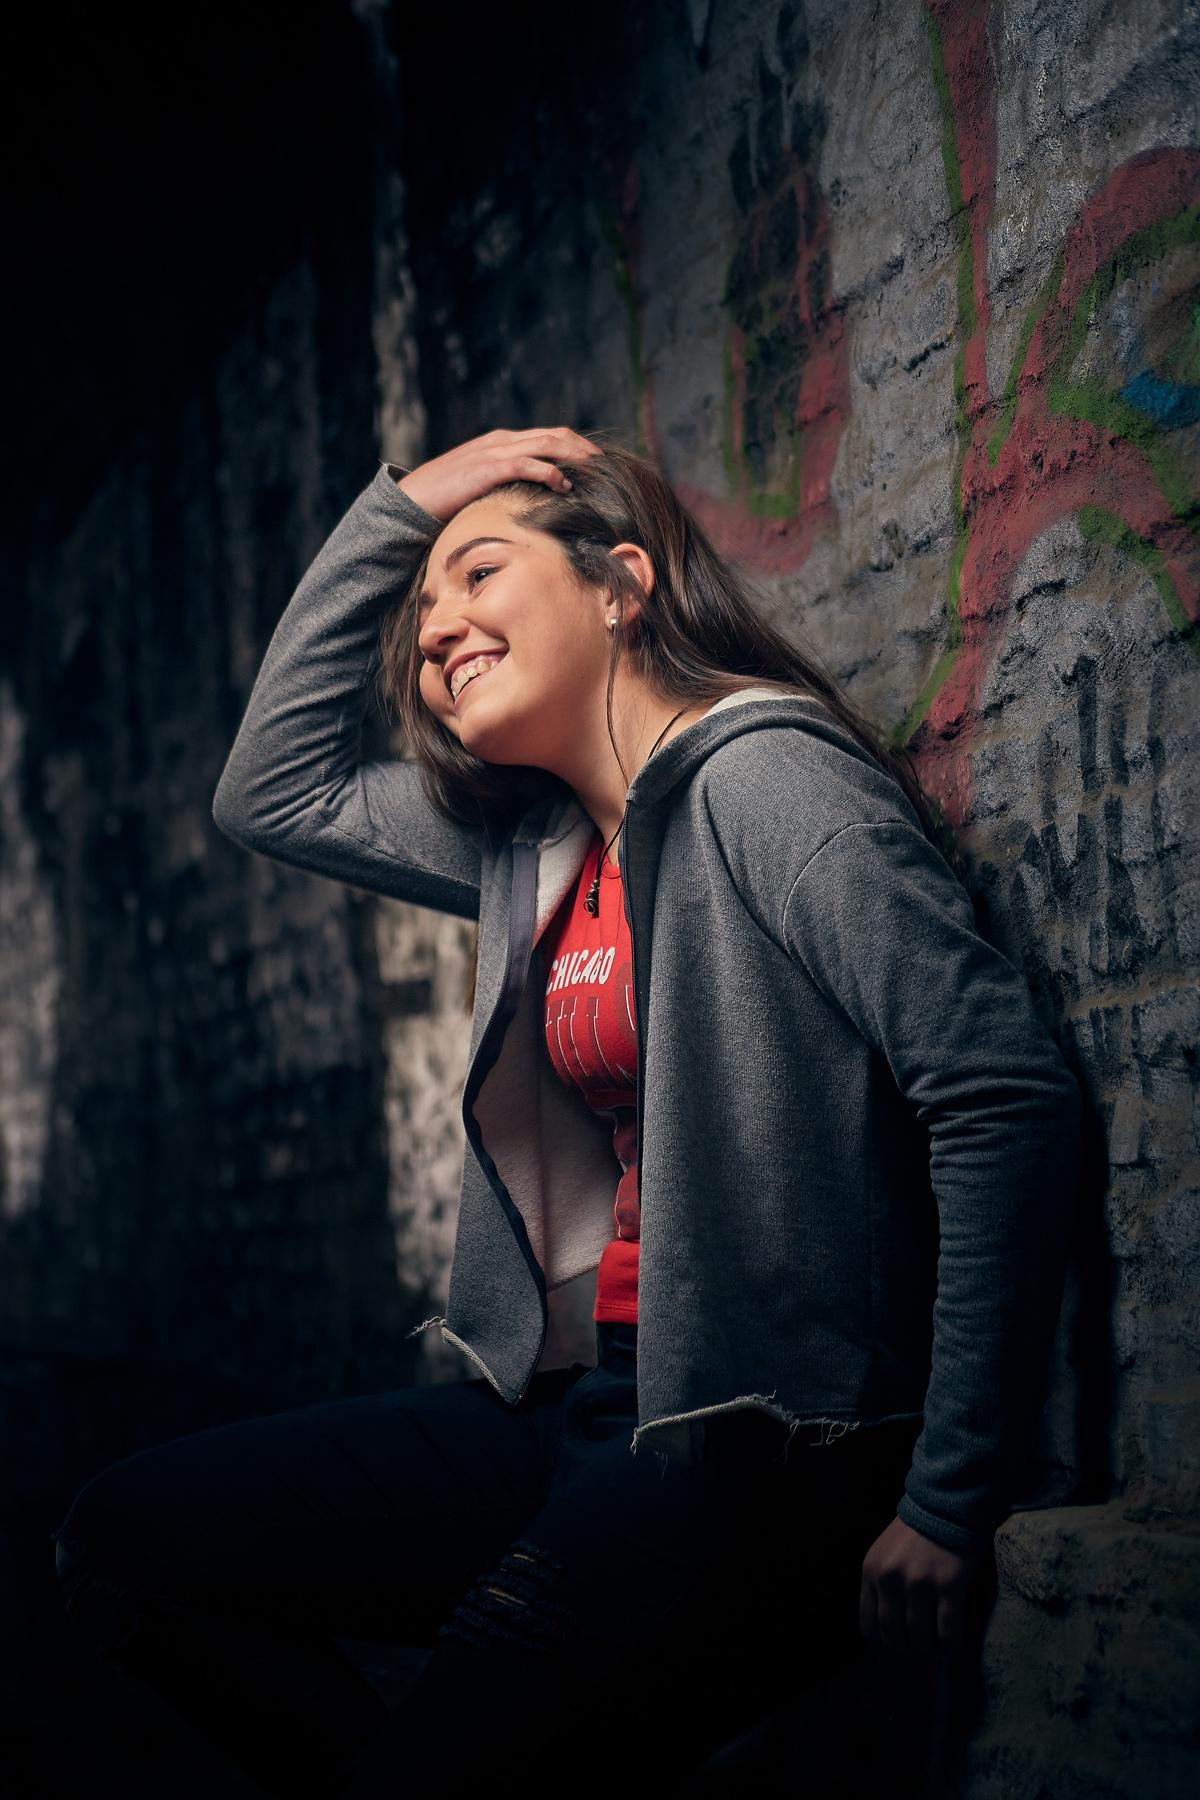 sesion de fotos de quinceañera sonriendo en tunel